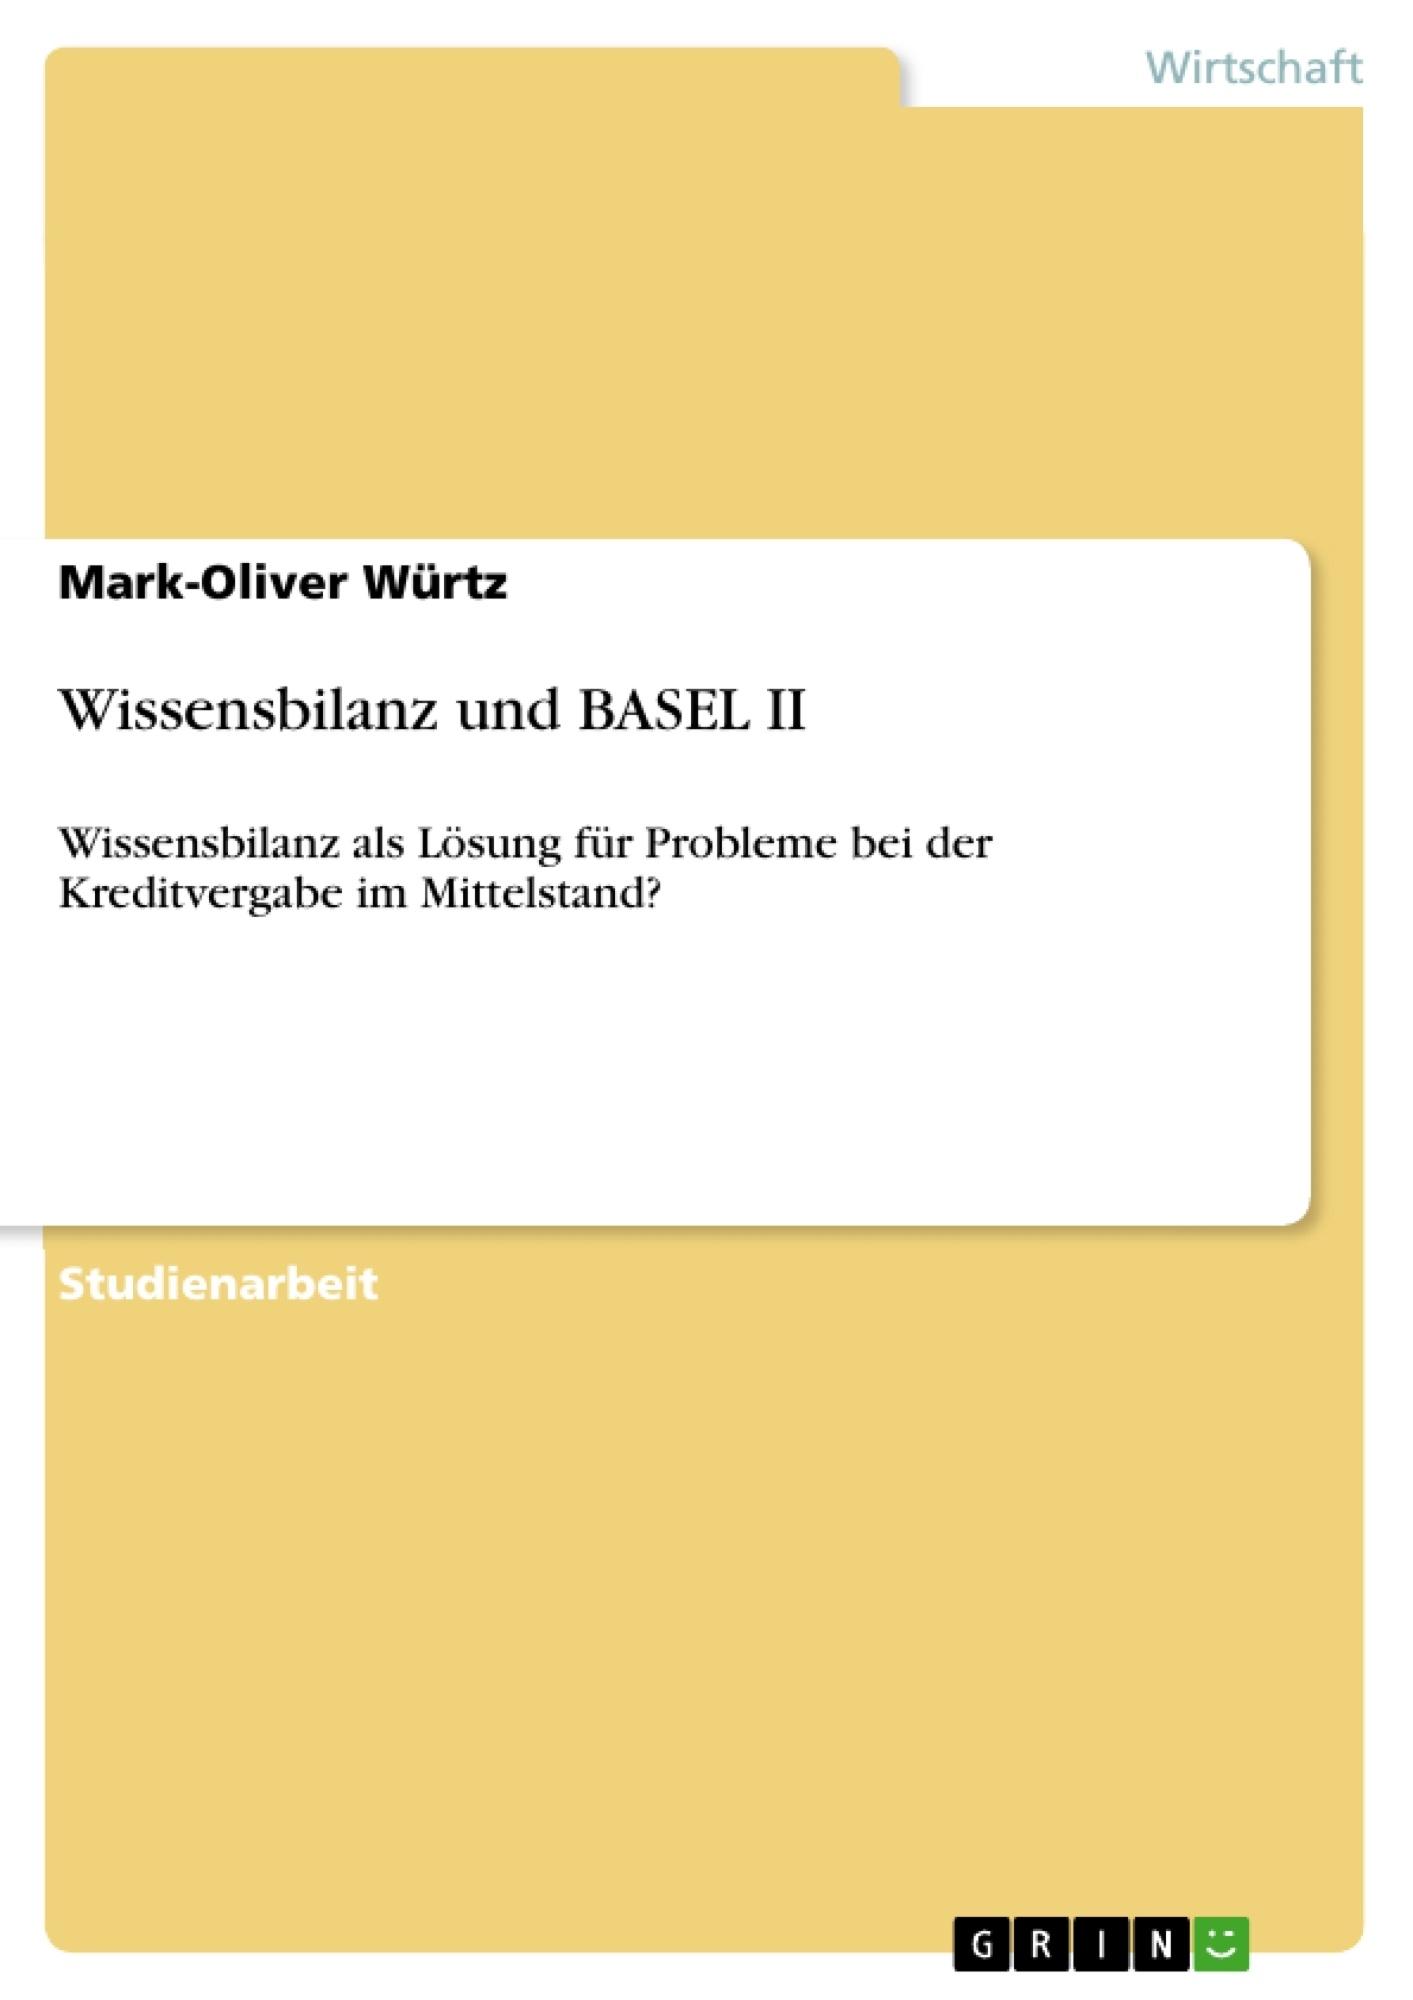 Titel: Wissensbilanz und BASEL II